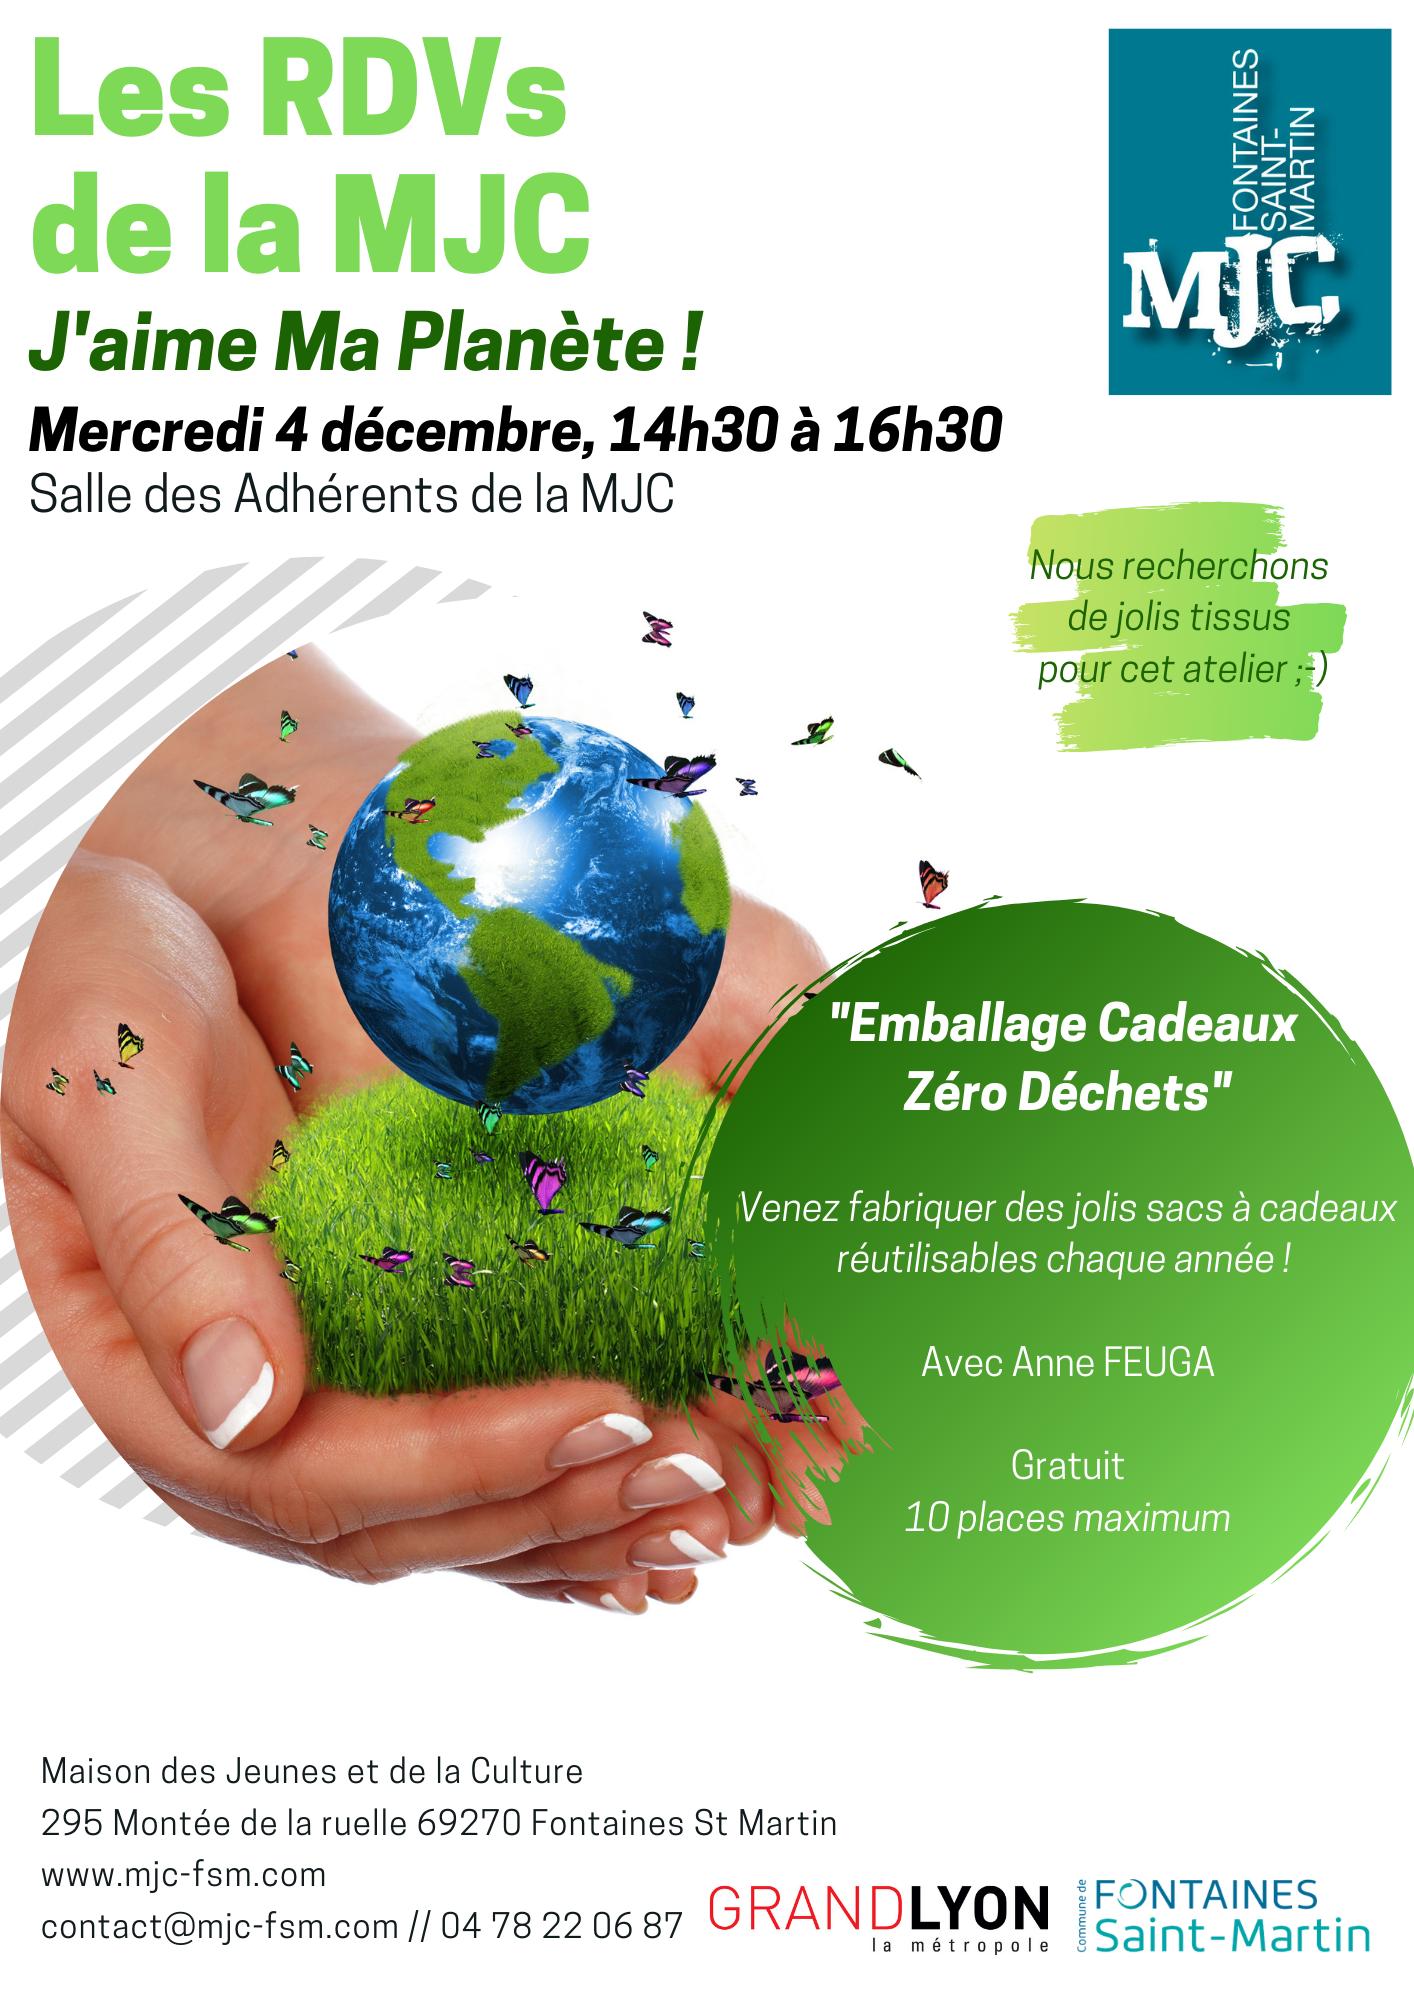 Atelier J Aime Ma Planete Merc 4 Dec 14h30 Mjc Fontaines Saint Martin Activites Spectacles Et Concerts